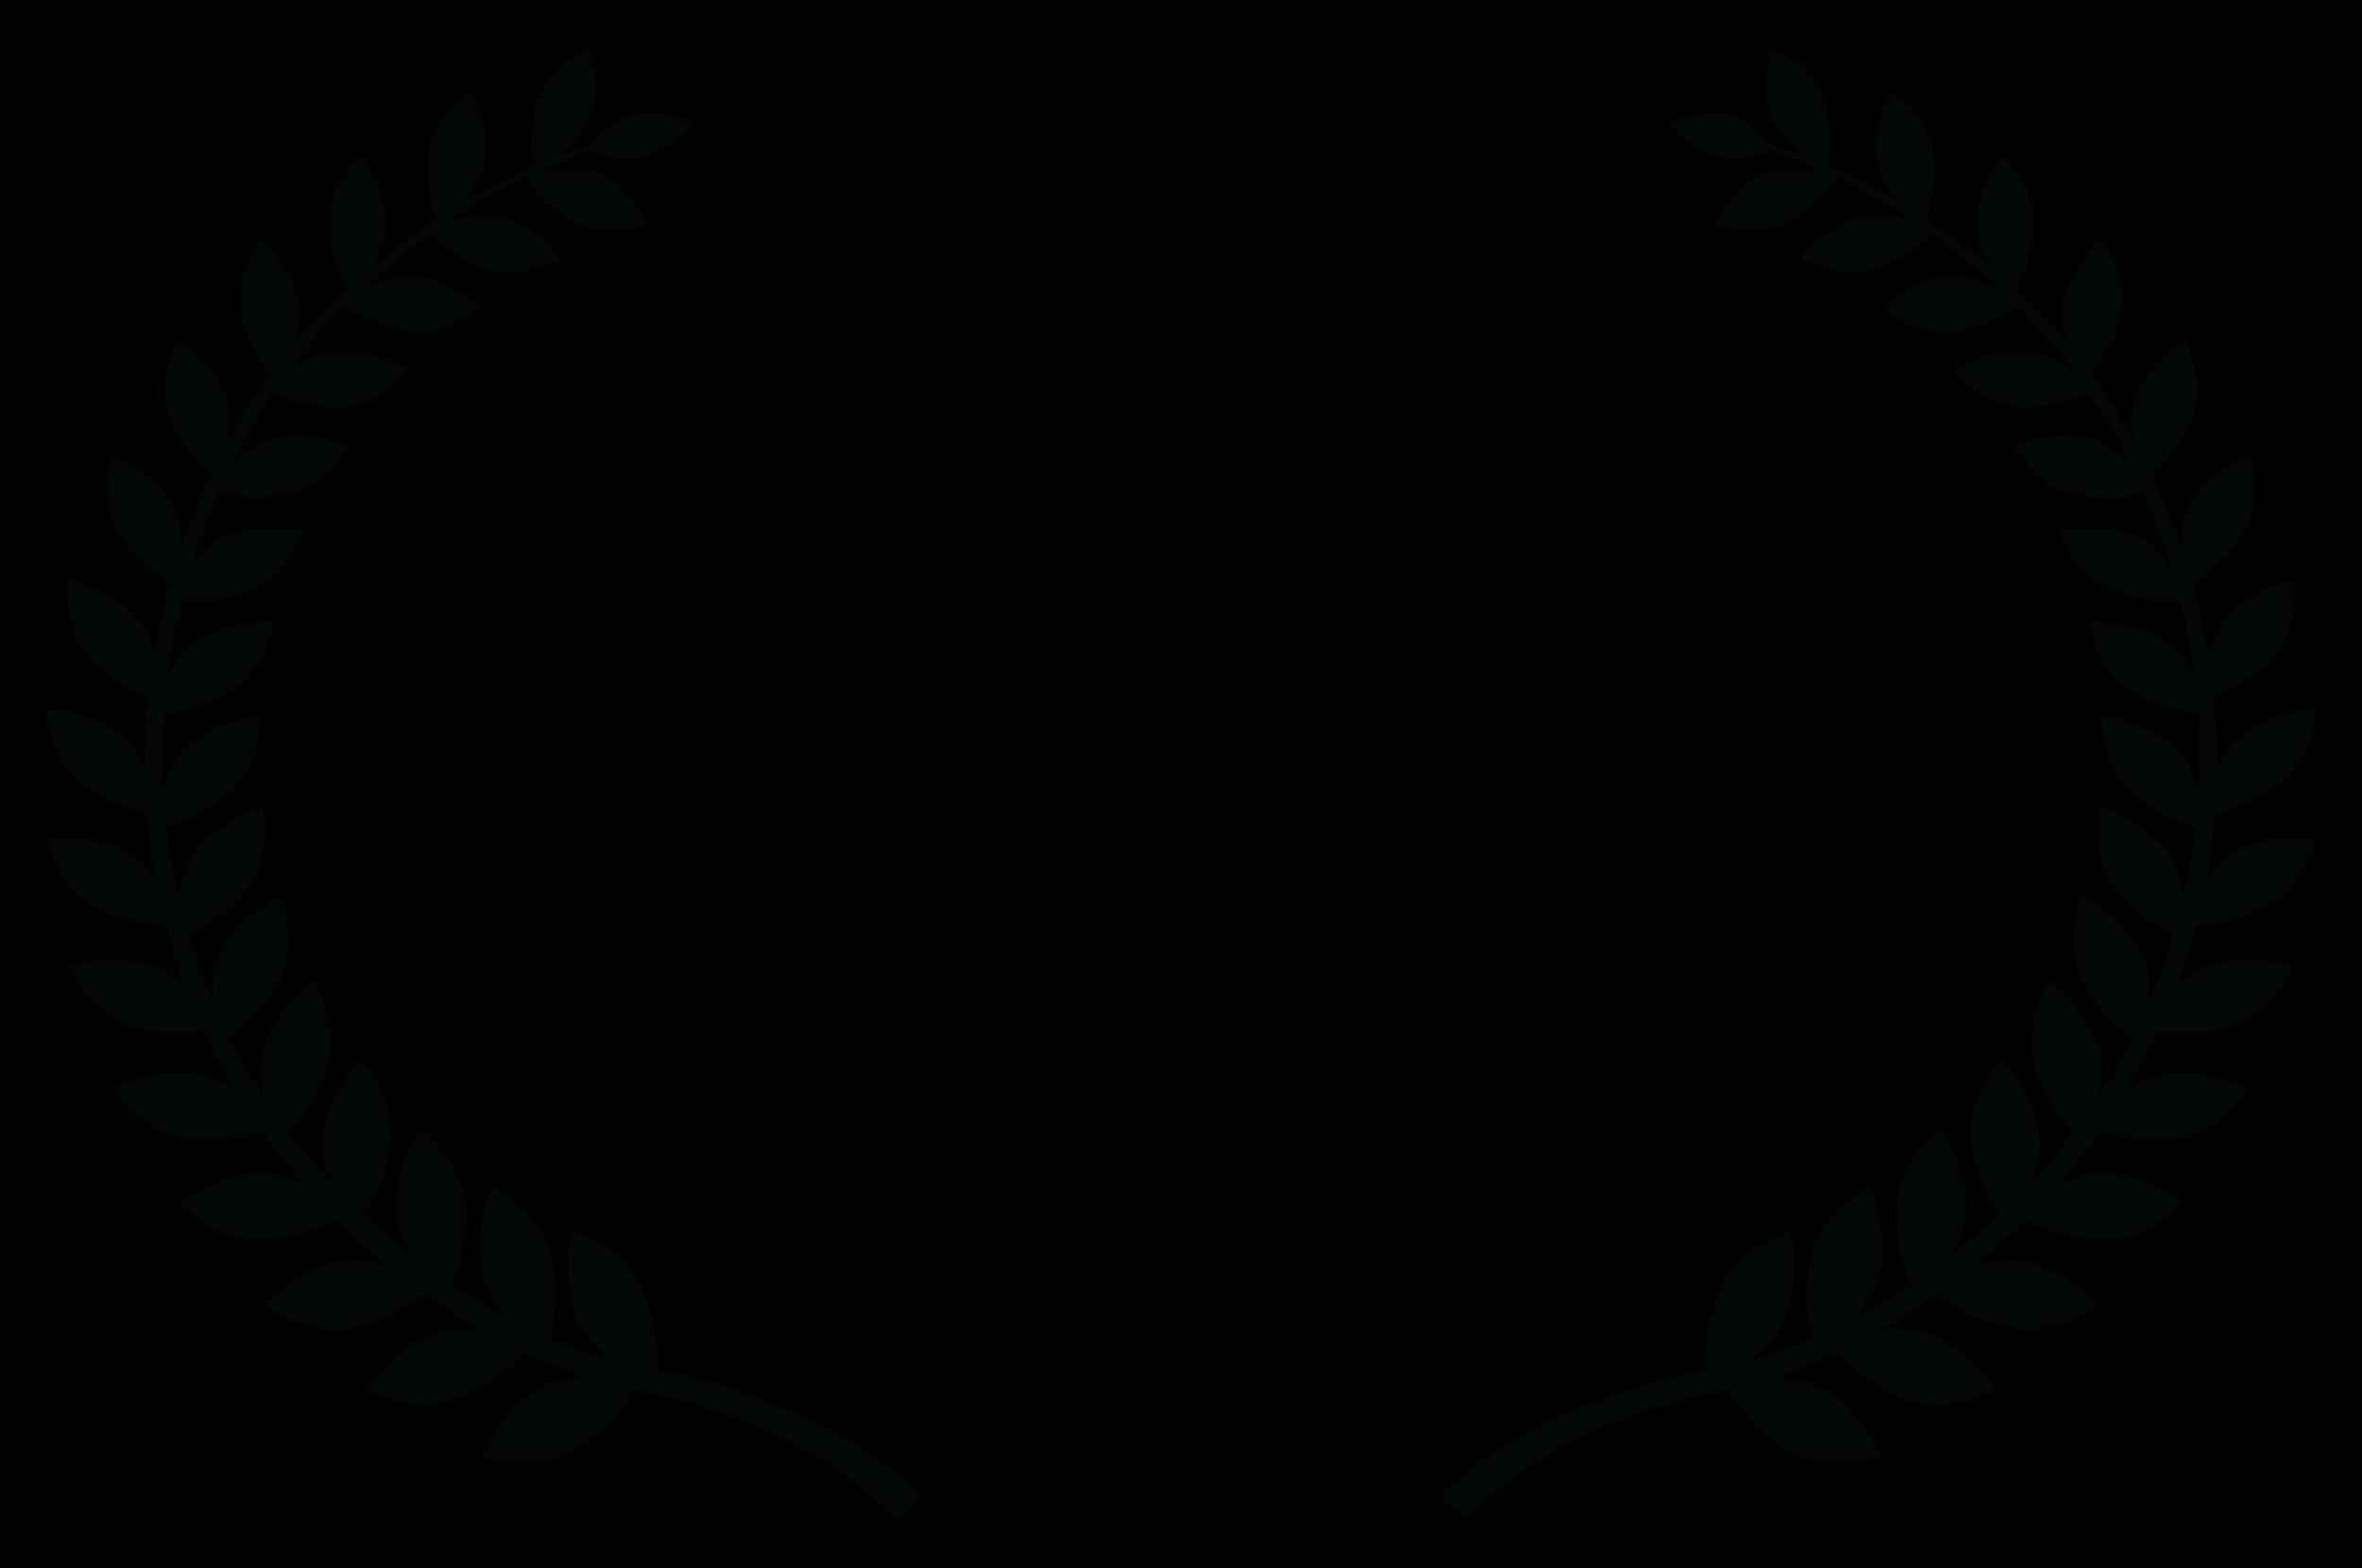 FINALIST-INROADSSCREENWRITINGFELLOWSHIP-2018.png